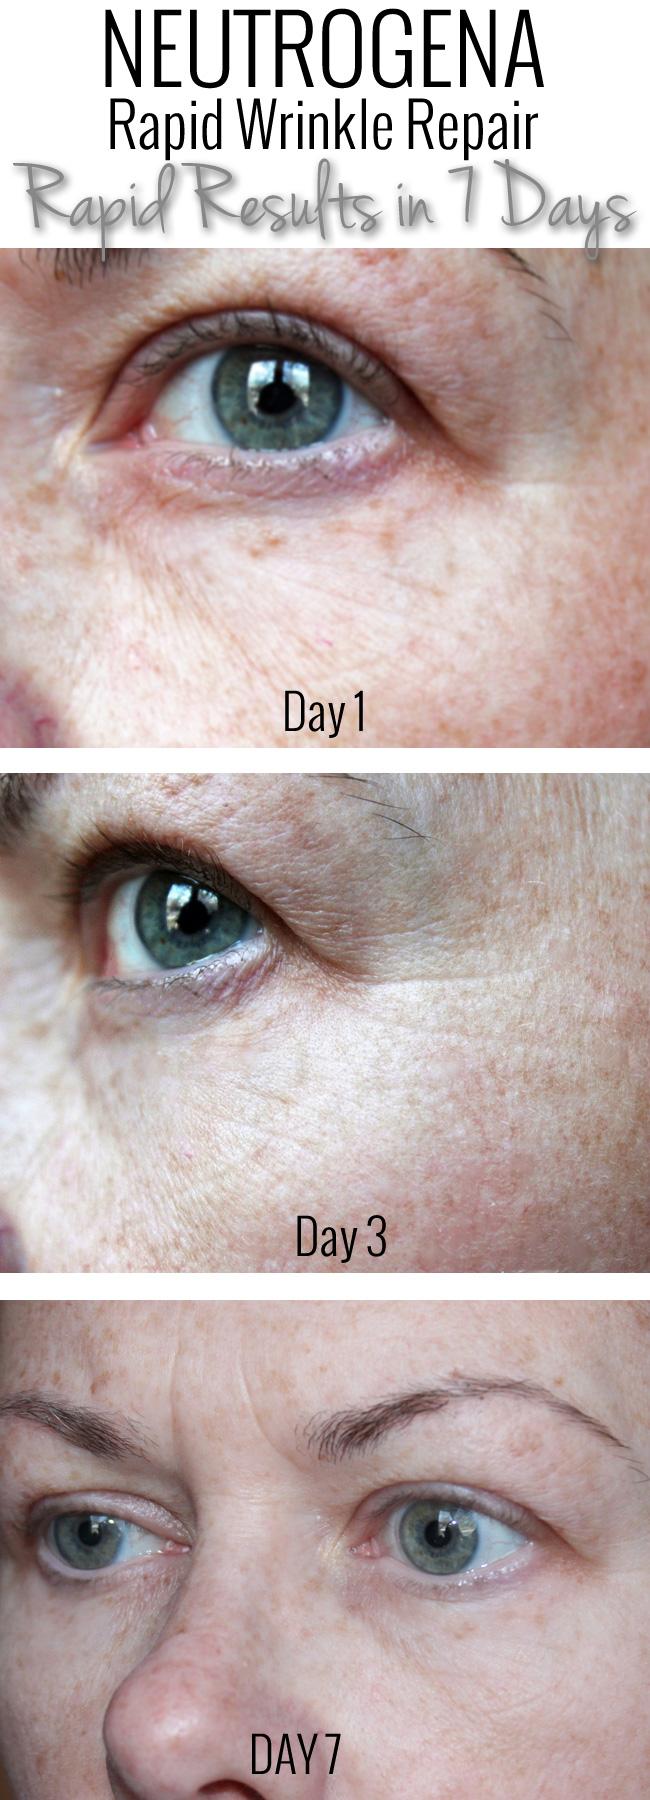 Neutrogena Rapid Wrinkle Repair Results